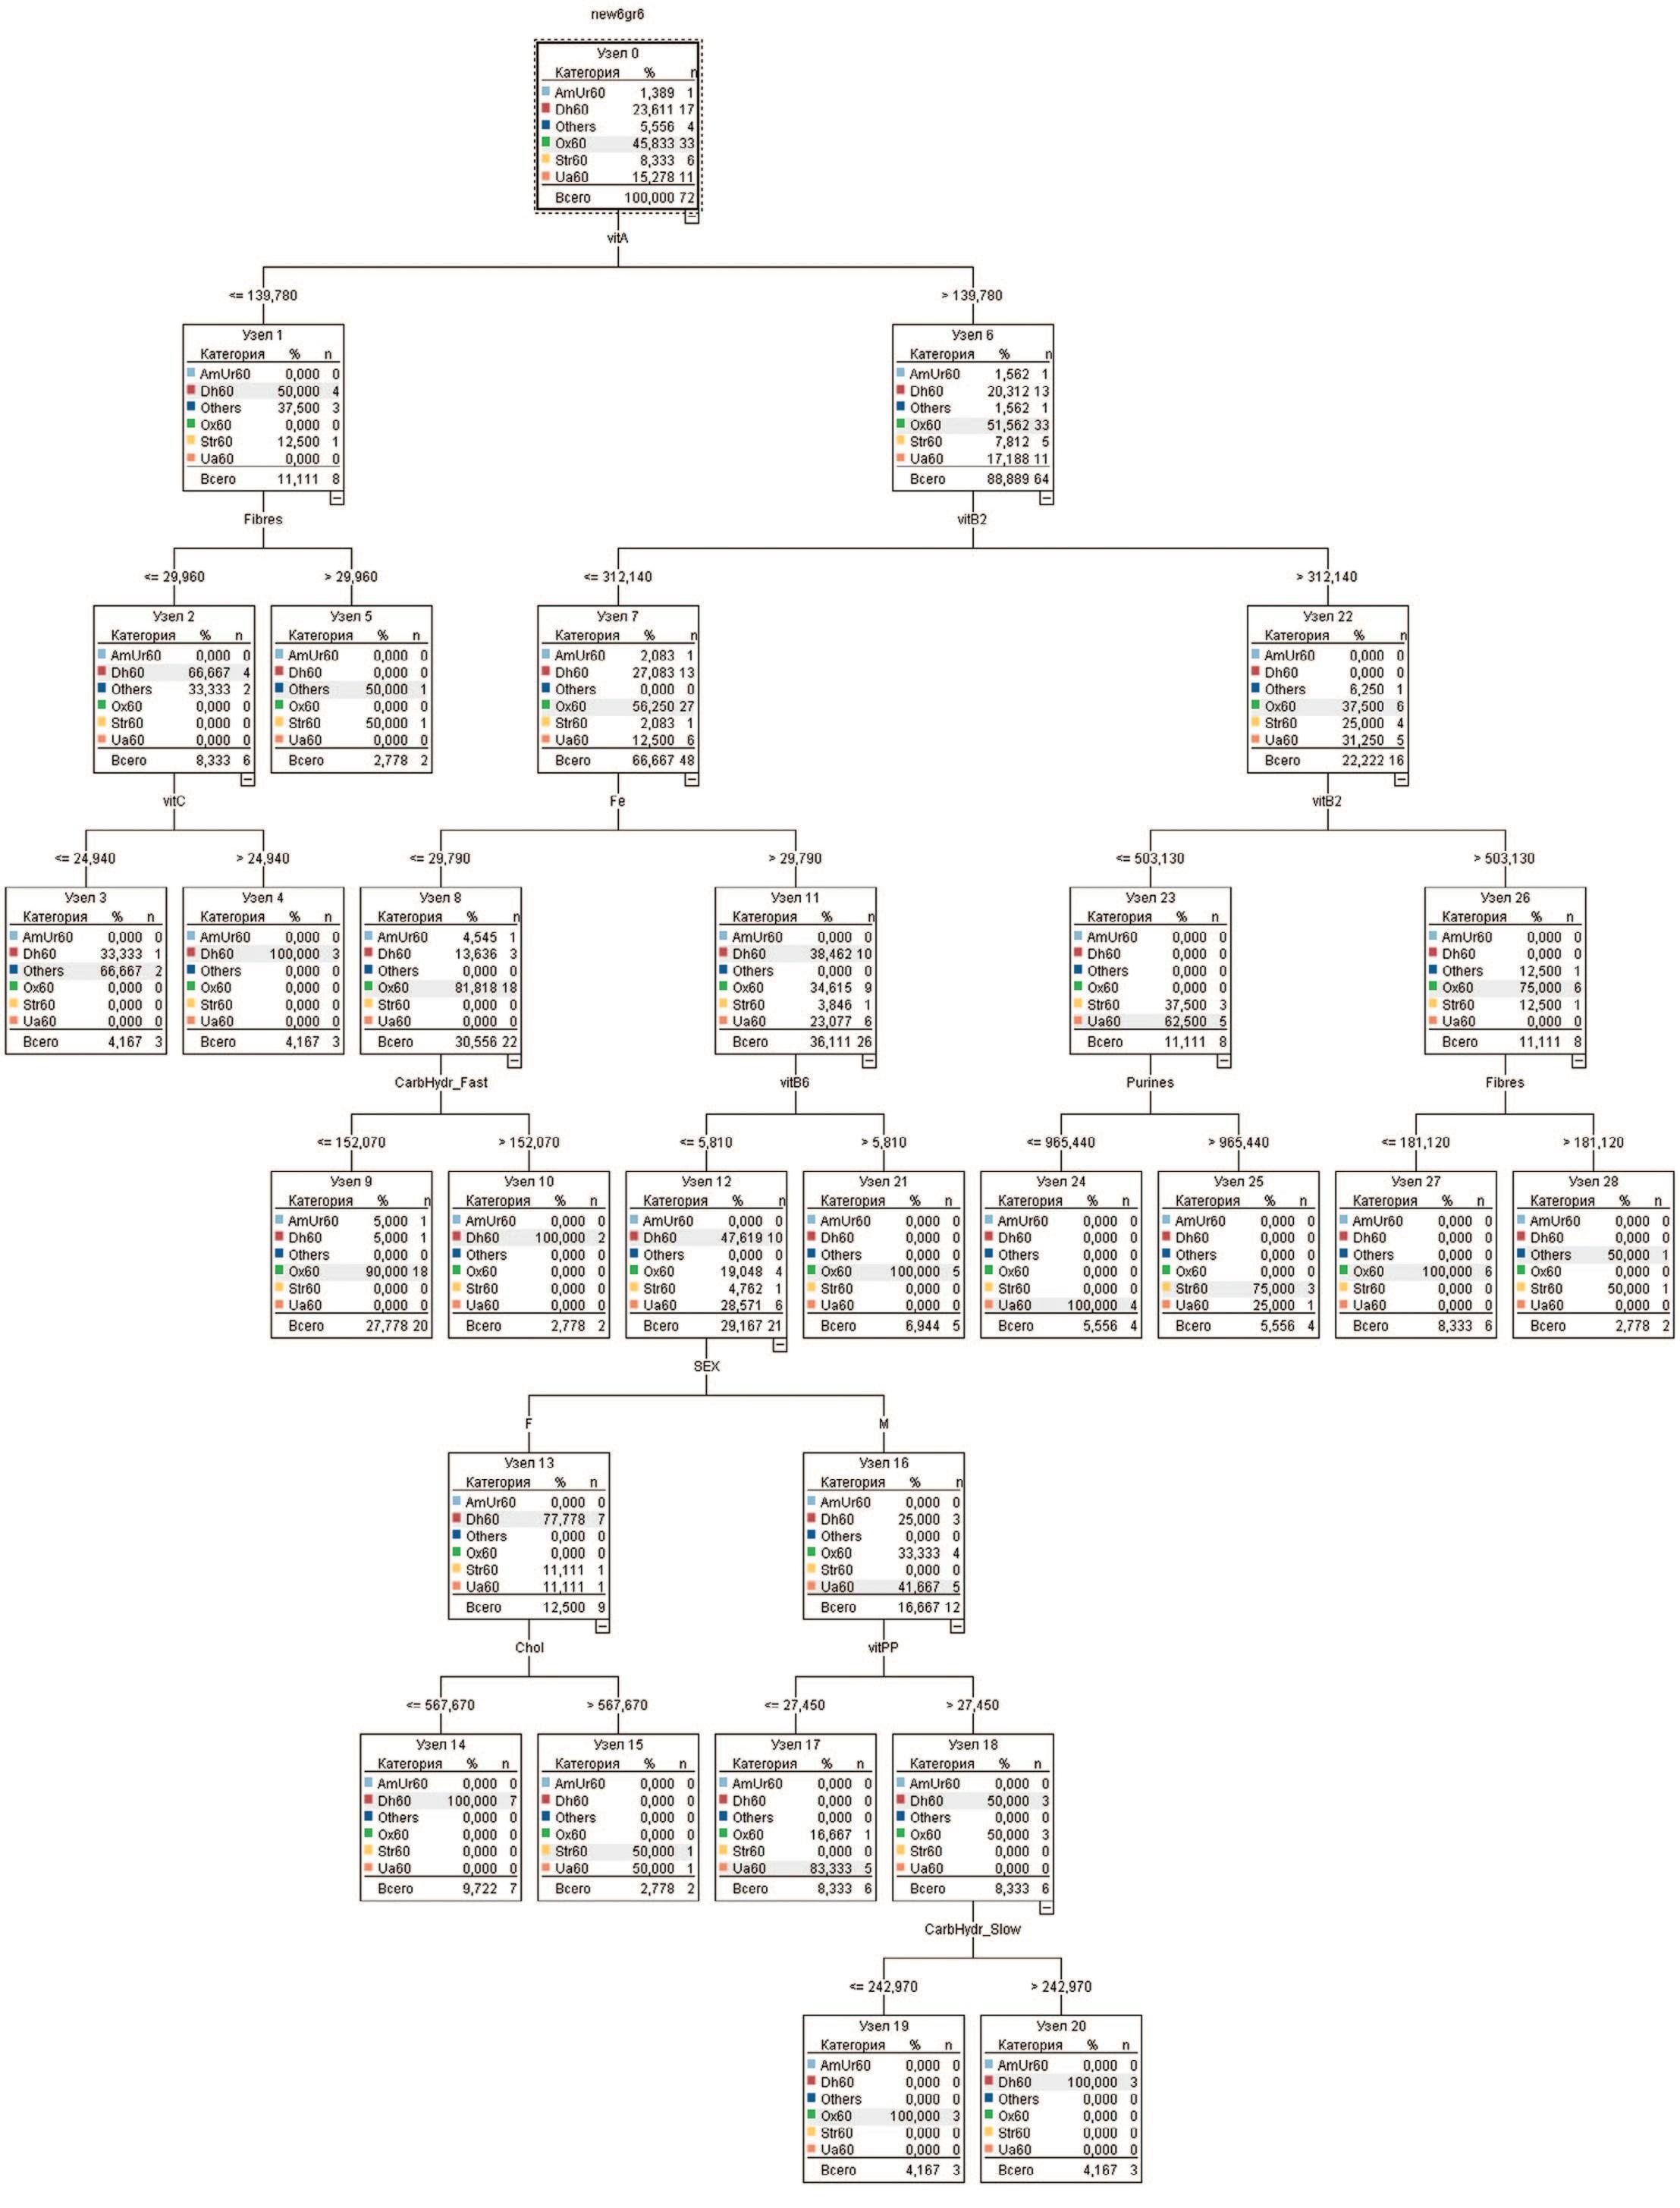 Древо решений определения химического типа камня построенного на основе алгоритма С 5.0 поcтроителя математической модели IBMSPSSModeler 18.0